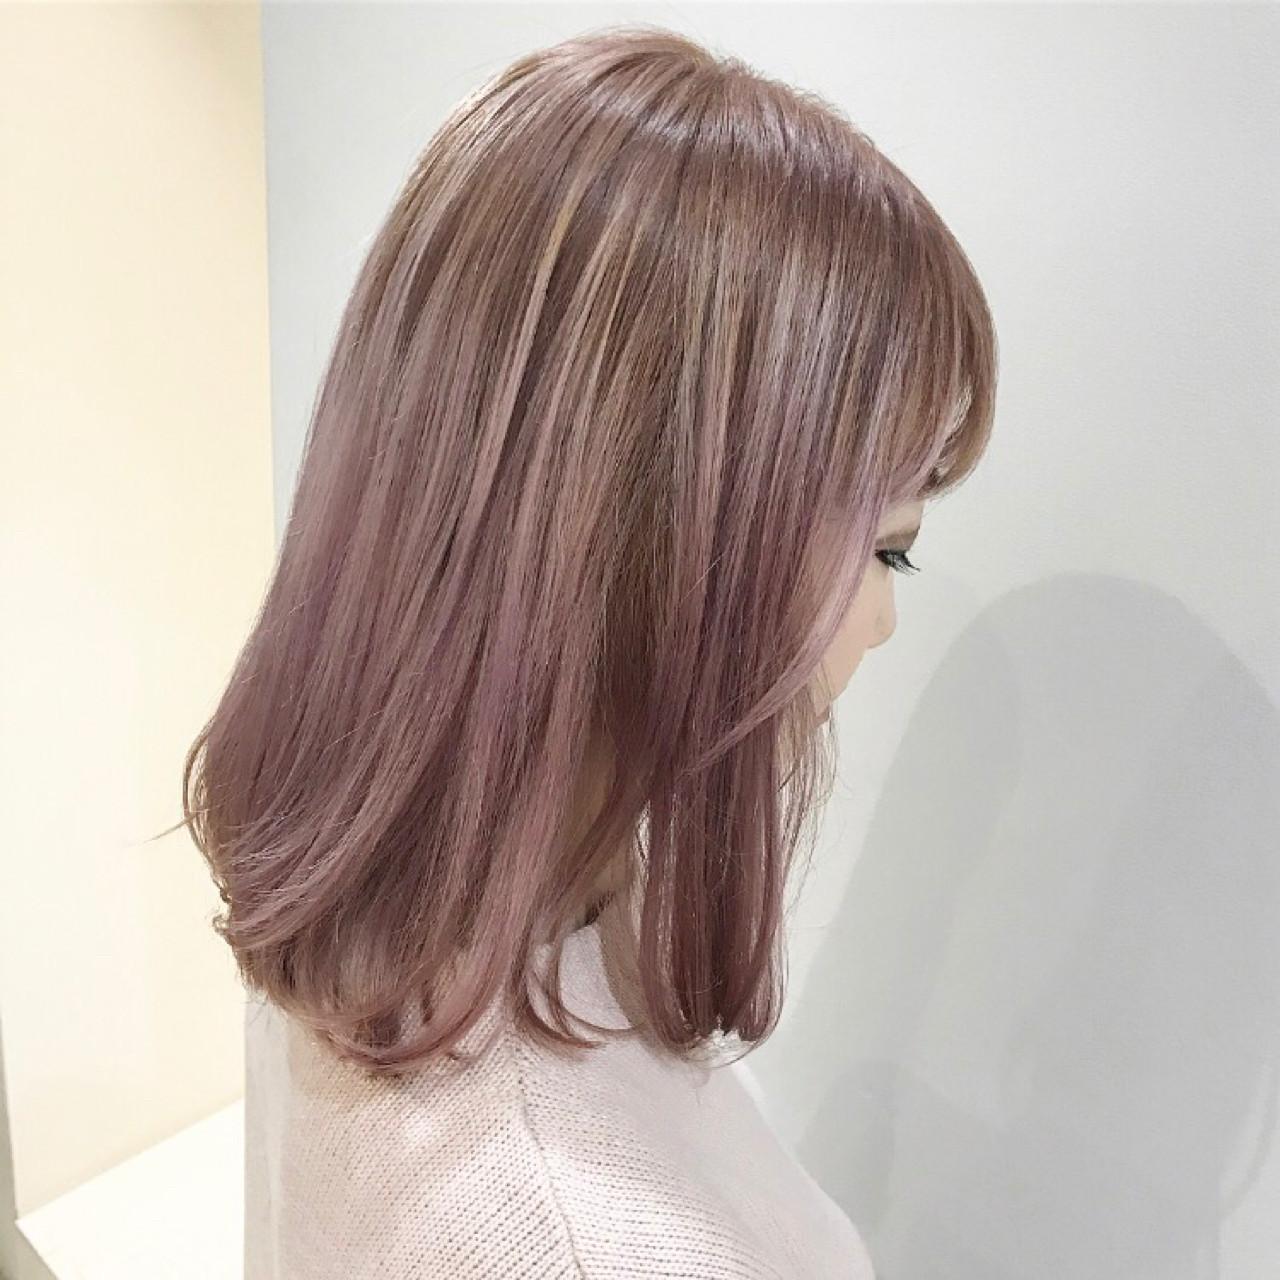 ピンク グラデーションカラー ガーリー ミディアム ヘアスタイルや髪型の写真・画像